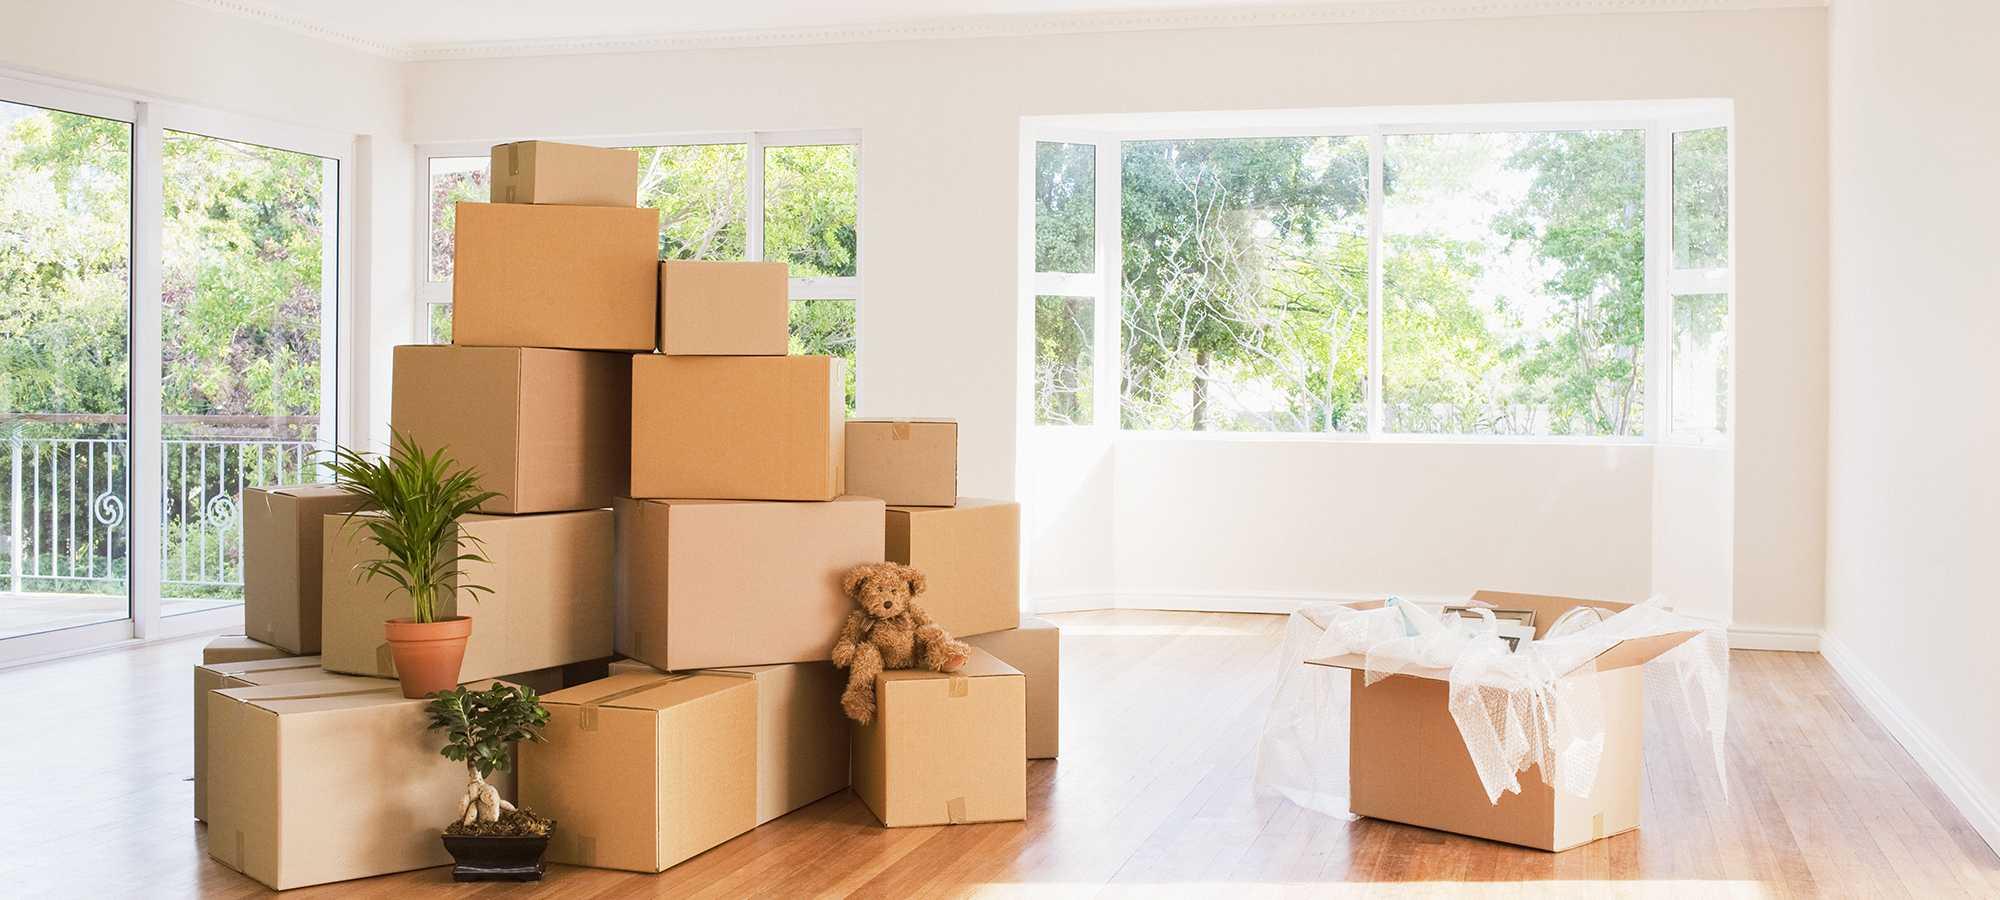 Cartons de déménagement empilés